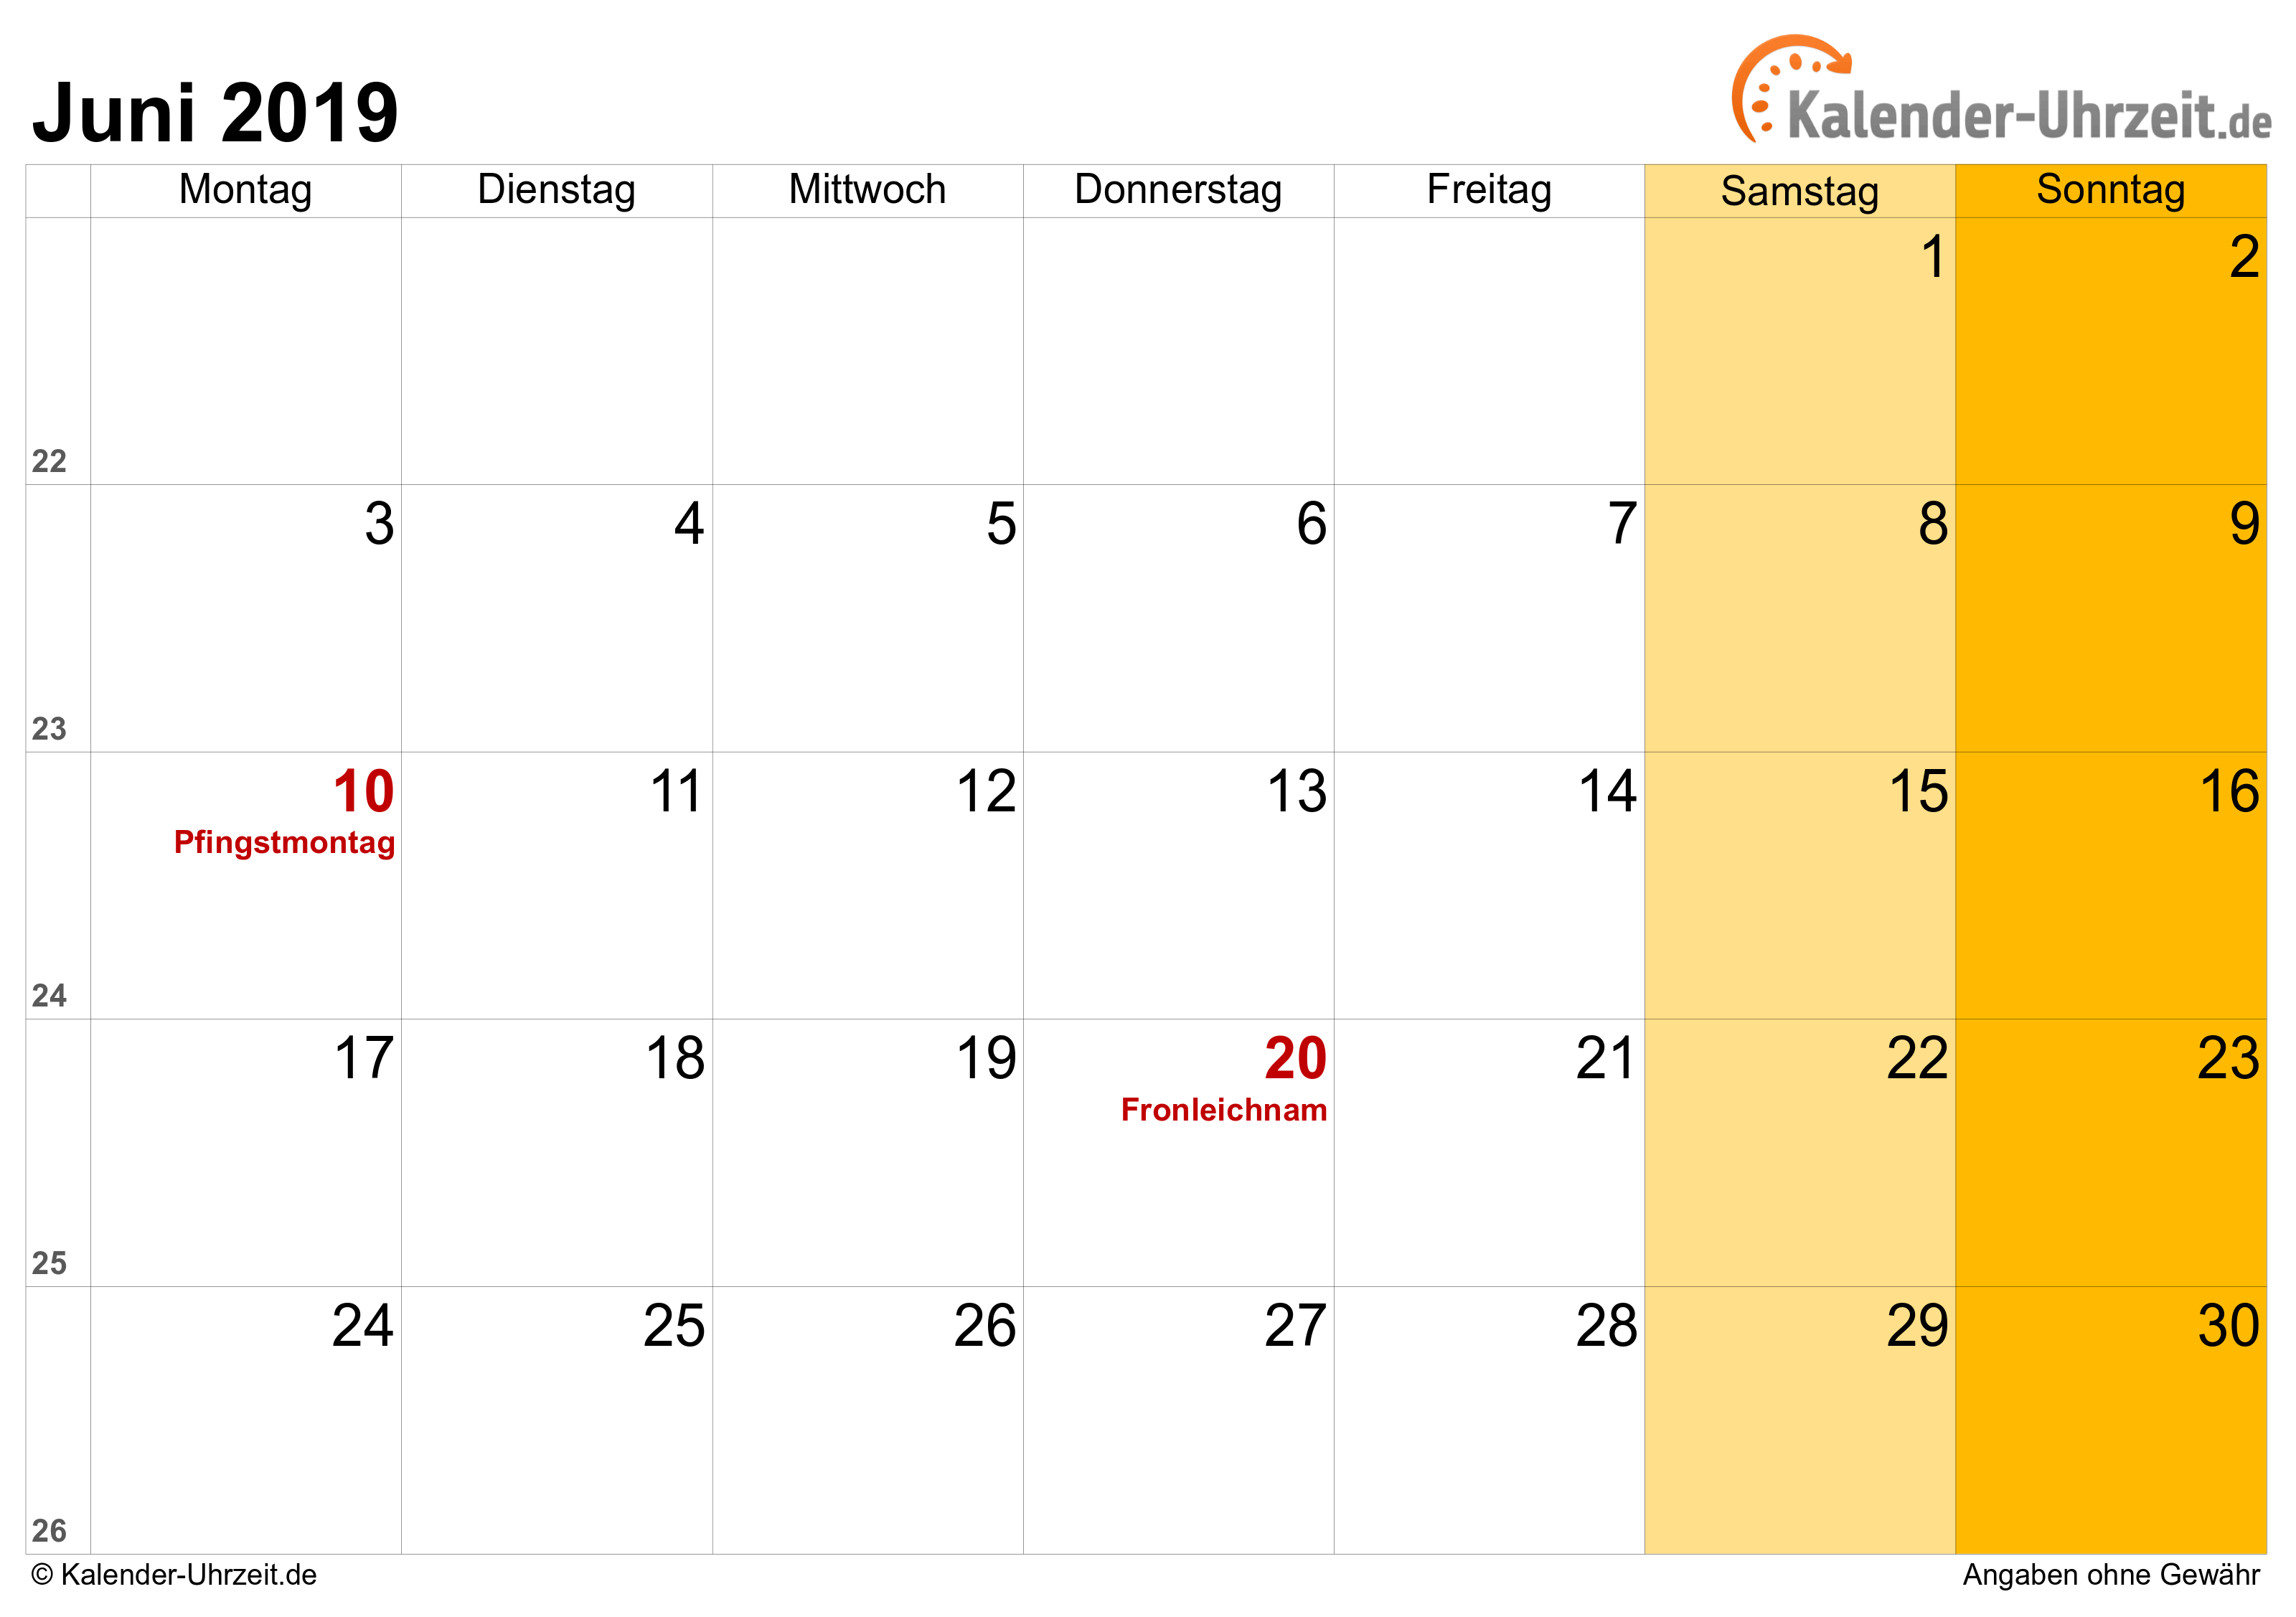 juni 2019 kalender kostenlose herunterladen kostenlose. Black Bedroom Furniture Sets. Home Design Ideas